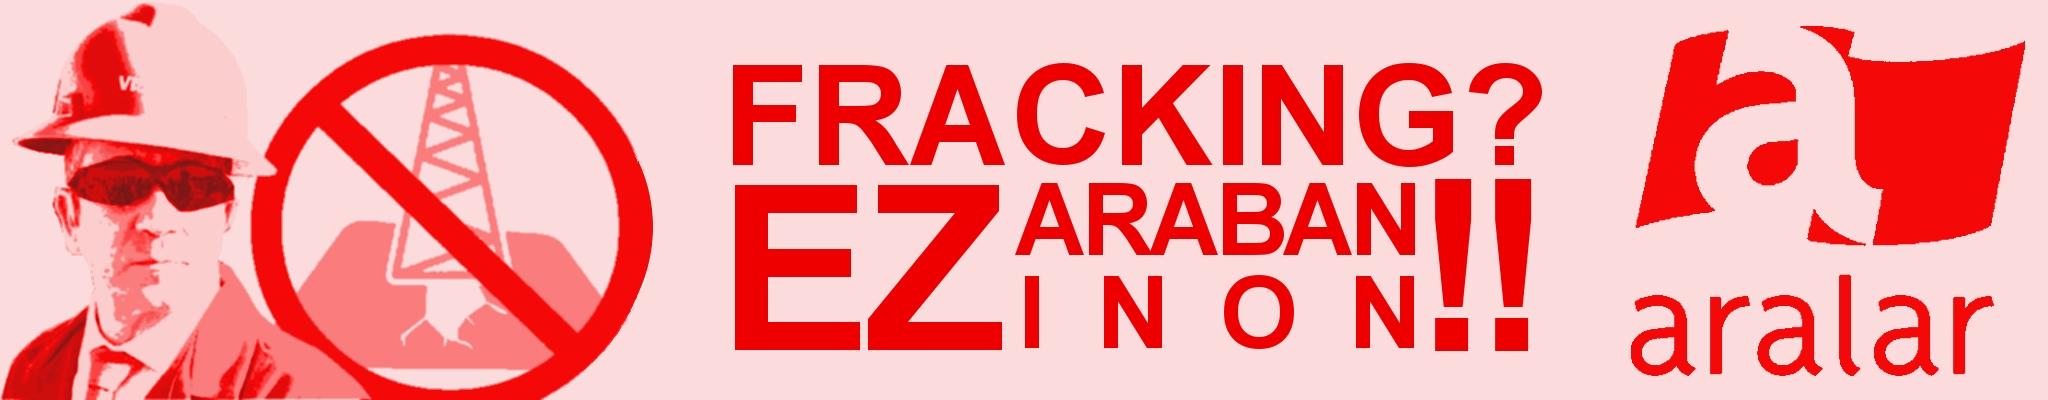 Fracking? EZ ARABAN EZ INON - No en Alava ni en ninguna parte